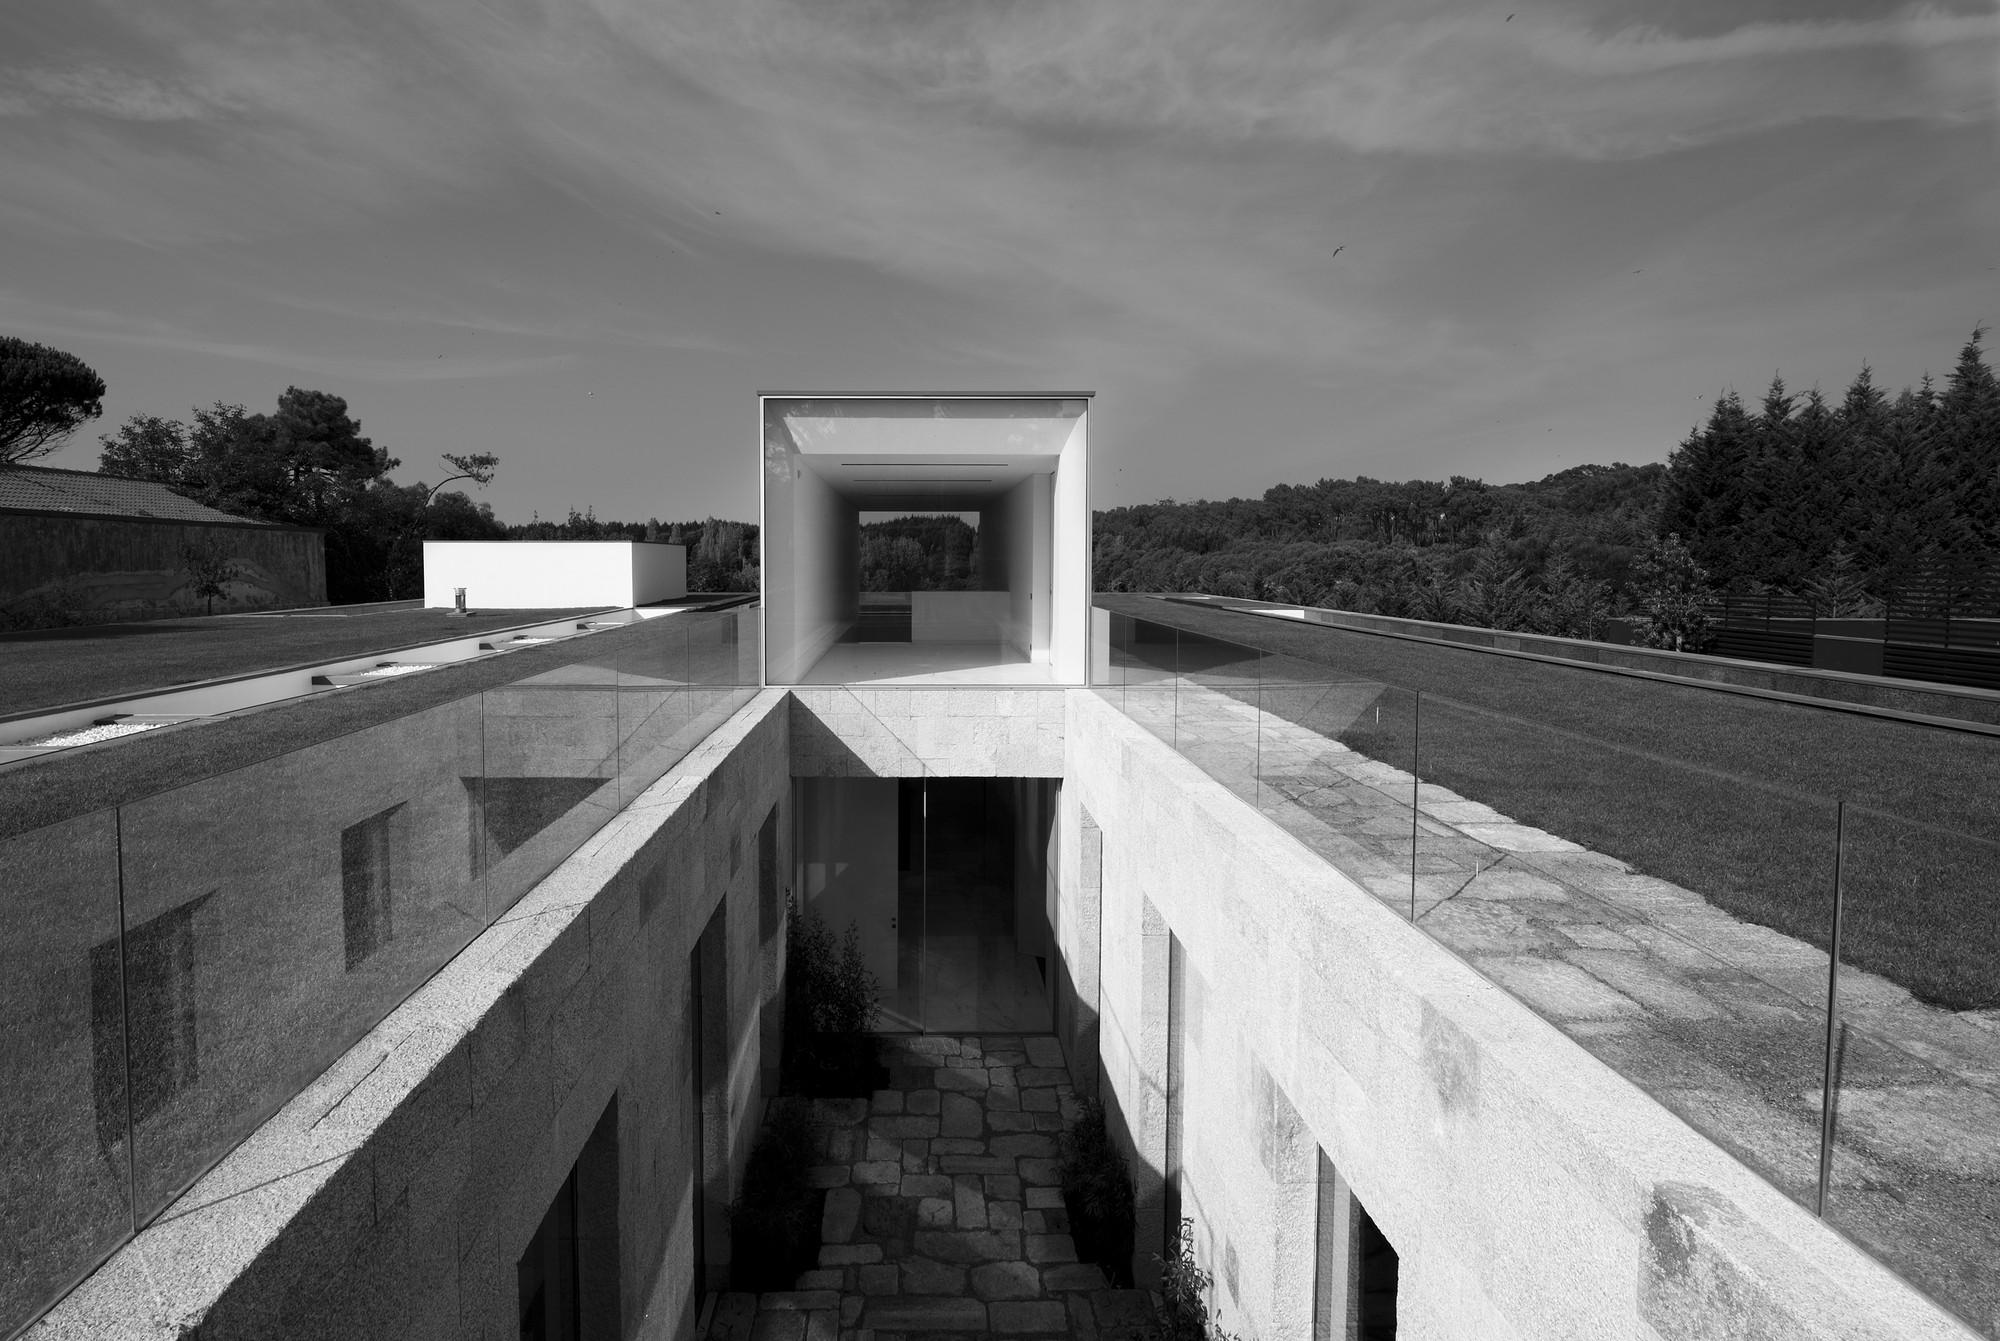 Casa en Boavista / Frederico Valsassina Arquitectos